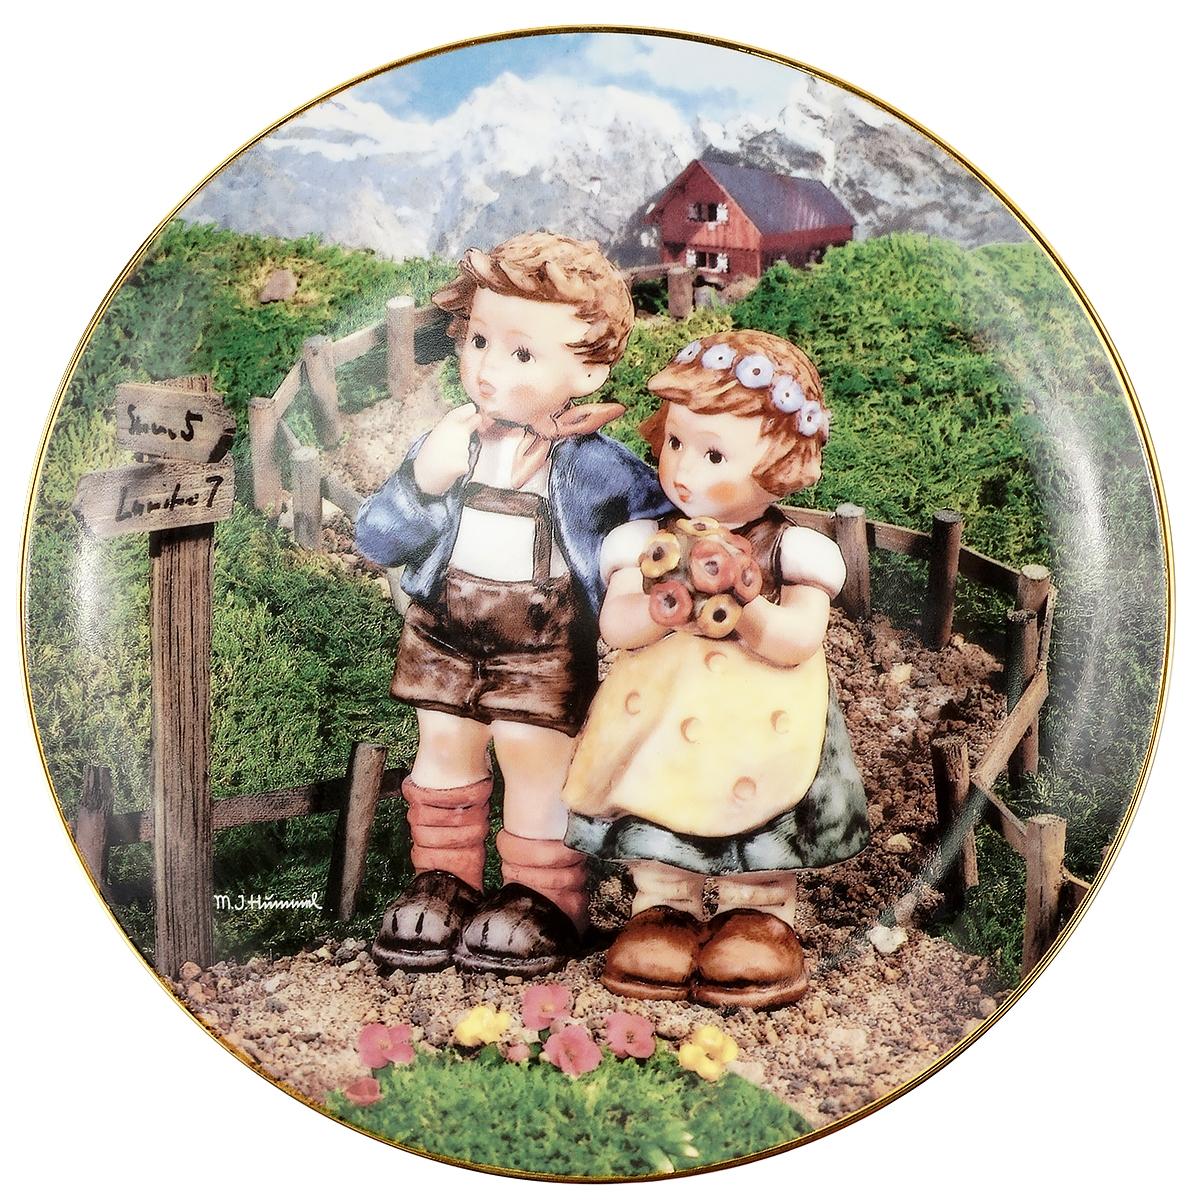 Декоративная тарелка Goebel На перекрестке. Фарфор, деколь, золочение. Швейцария, вторая половина ХХ века чайный сервиз сорренто на 3 персоны 12 предметов фарфор деколь золочение royal albert великобритания вторая половина хх века